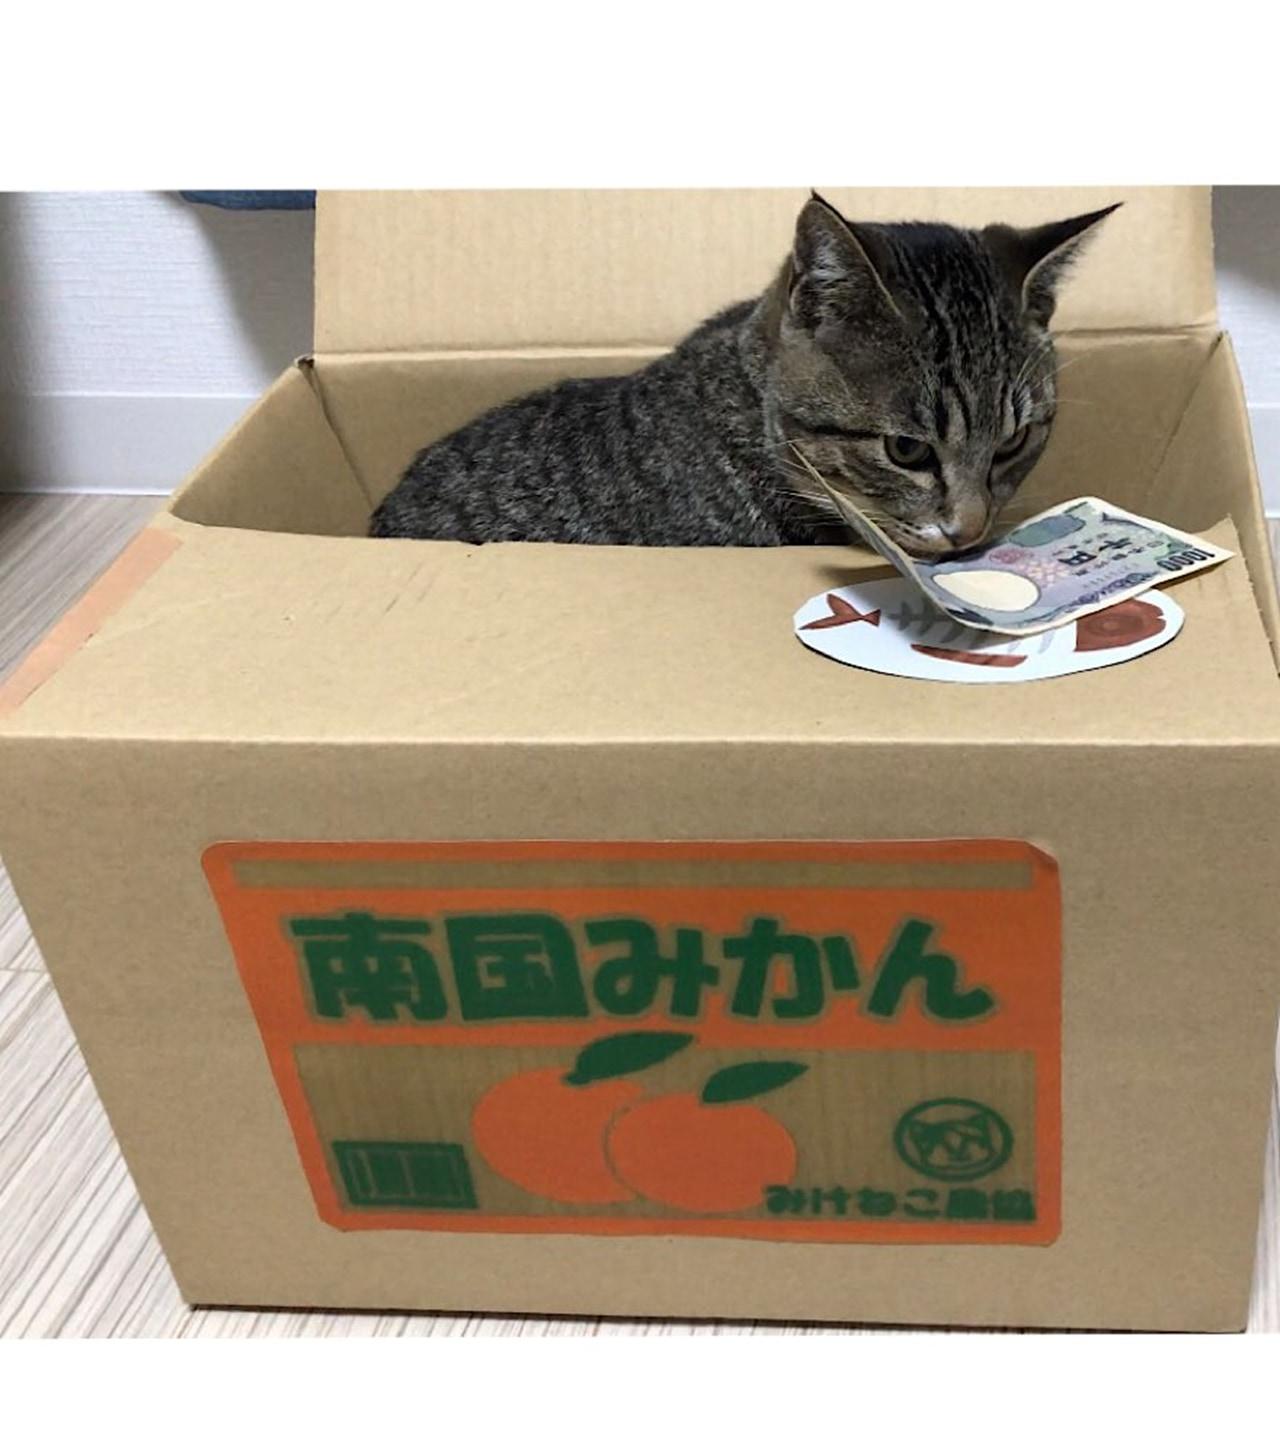 いたずらBANKのウチのリアル猫バージョン!?「貯める猫」が可愛すぎる!!